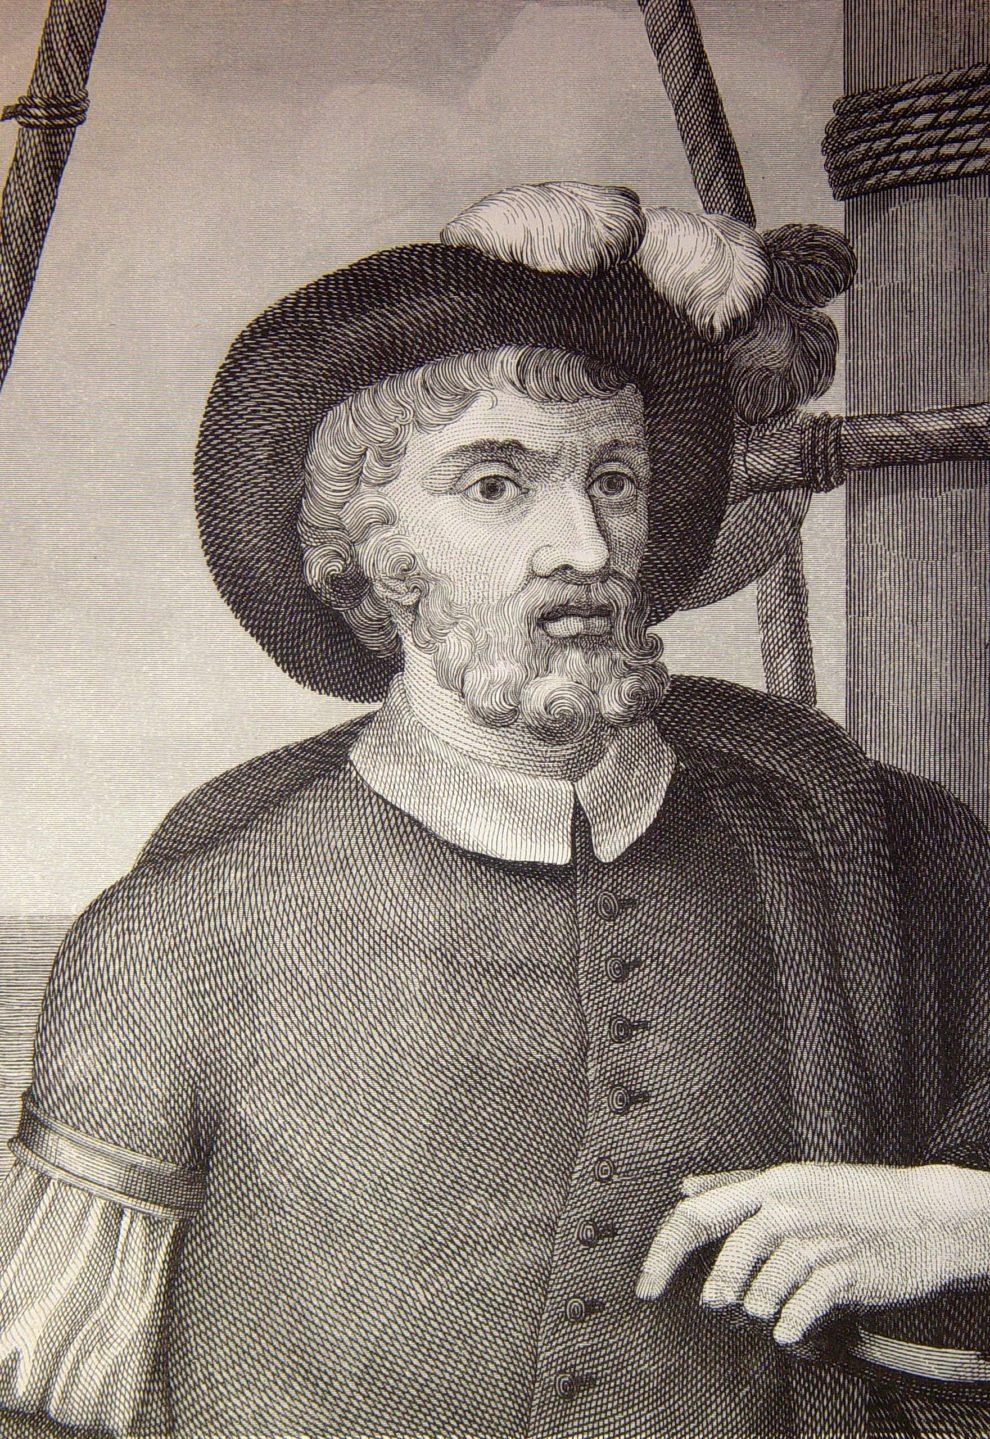 Juan Sebastian de Elcano en un grabado. En realidad no existe ninguna imagen real de este marino de Guetaria (hoy Guipuzcoa) .